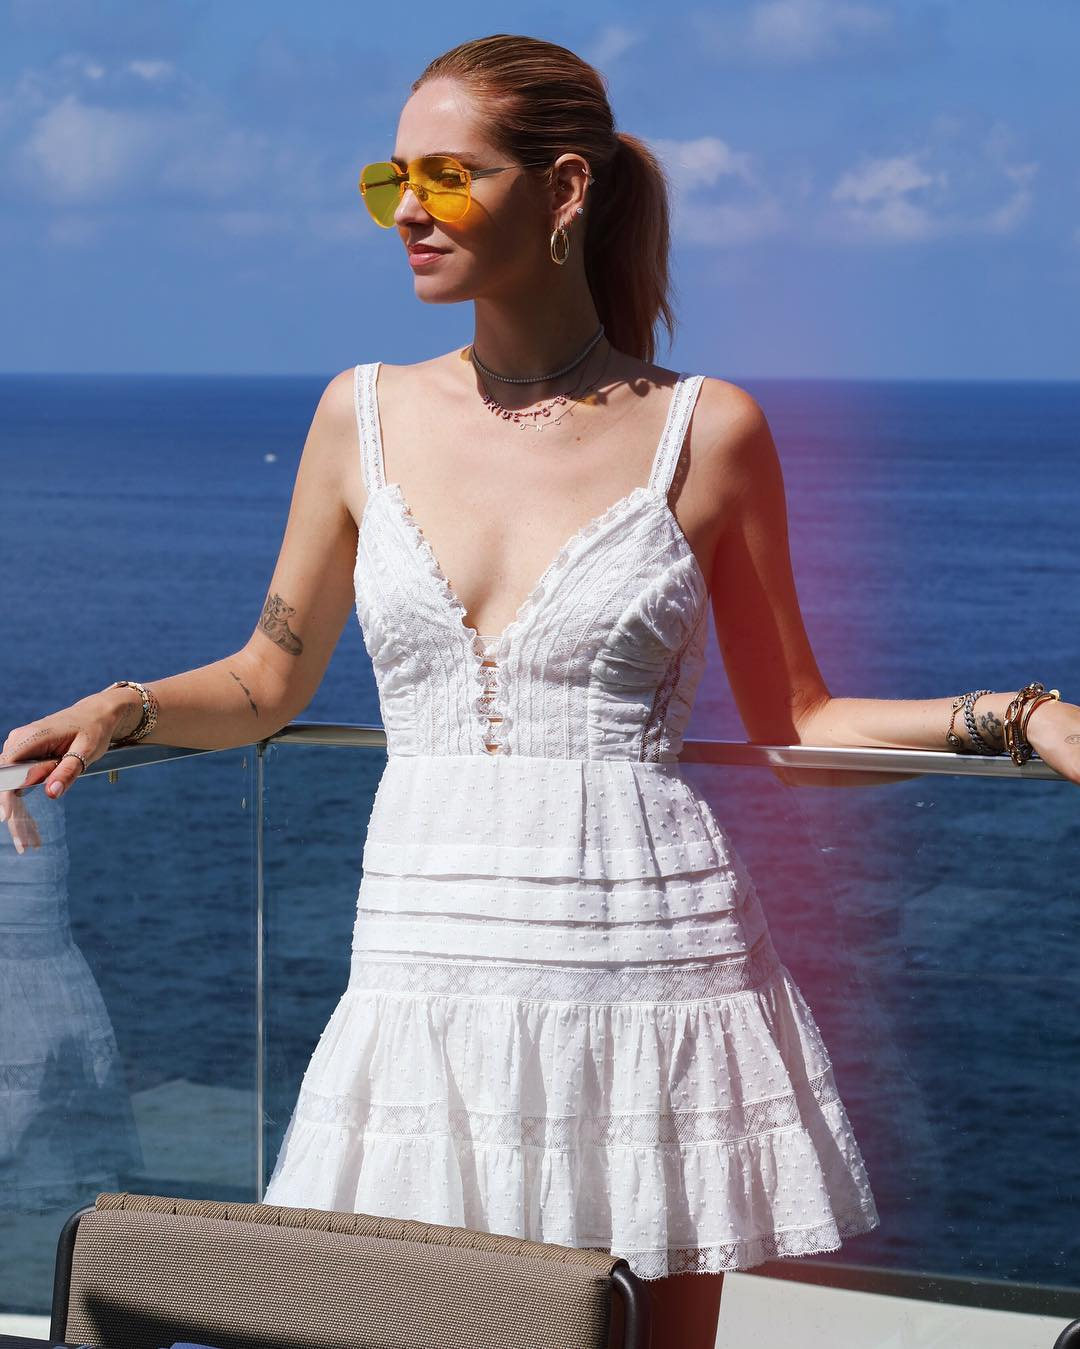 שיק איטלקי: שמונה רעיונות ממסיבת הרווקות של קיארה פראני